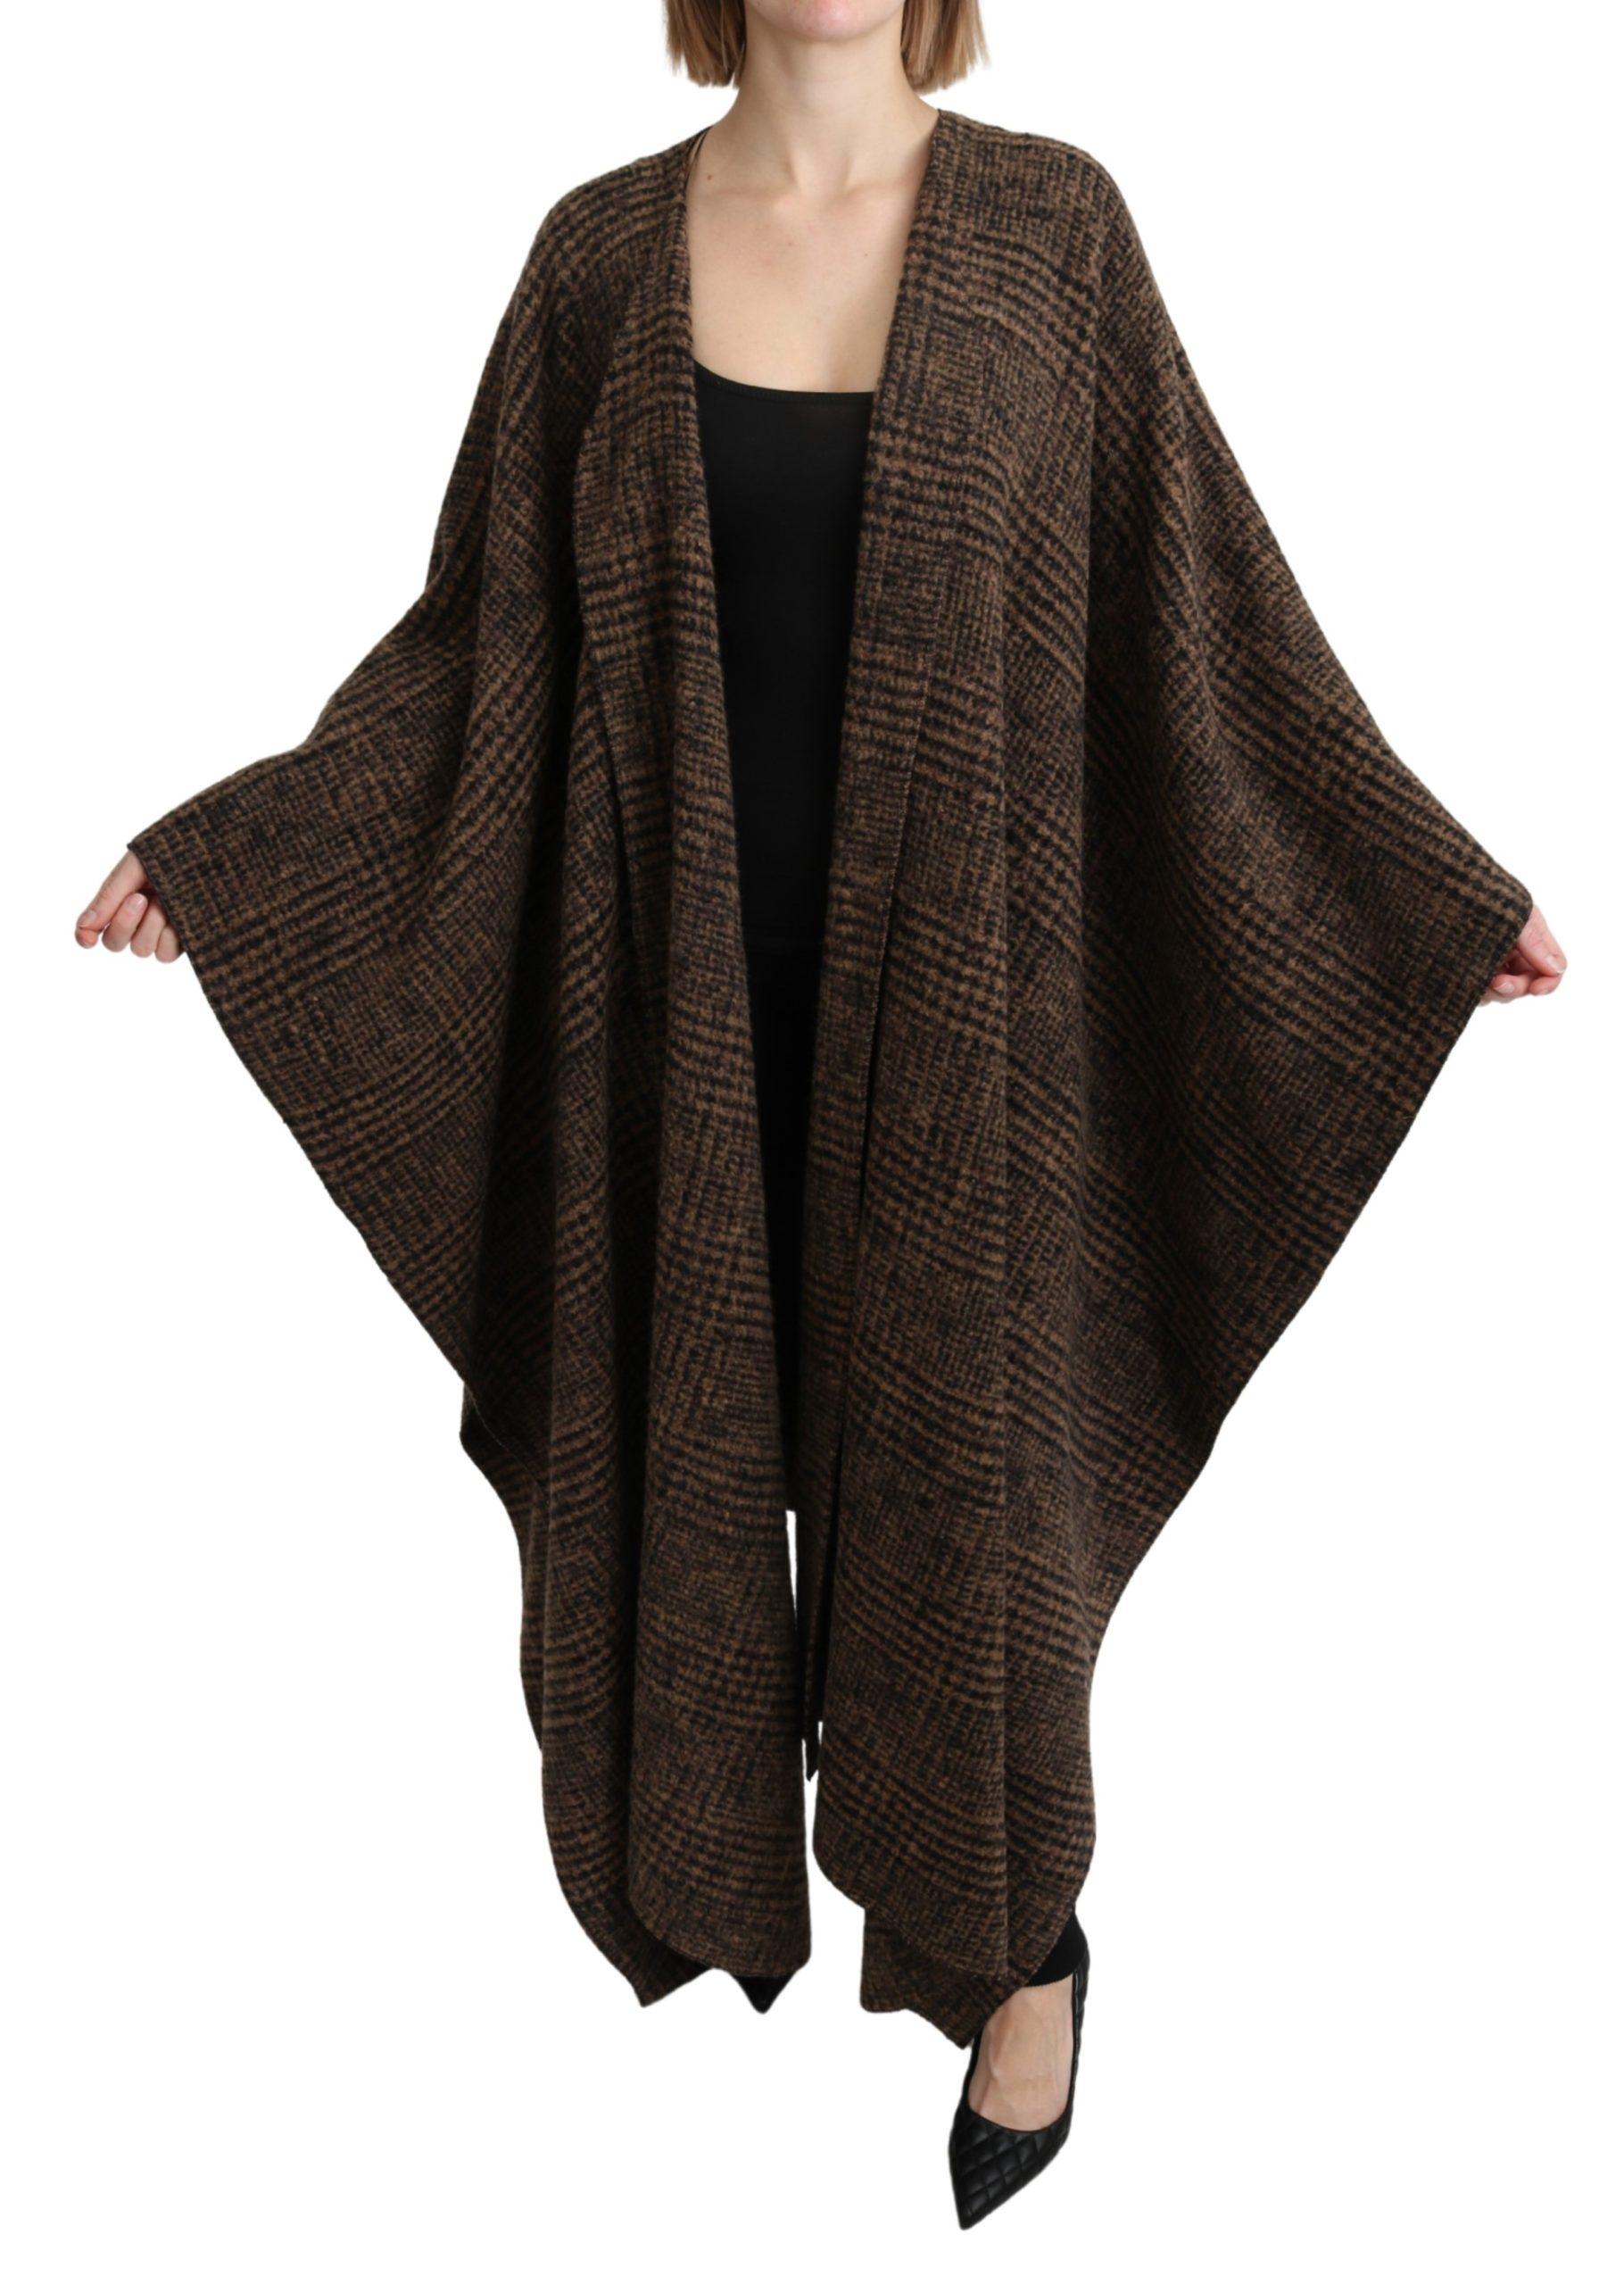 Dolce & Gabbana Women's Cape Coat Wool Blend Jacket Brown JKT2636 - IT40|S